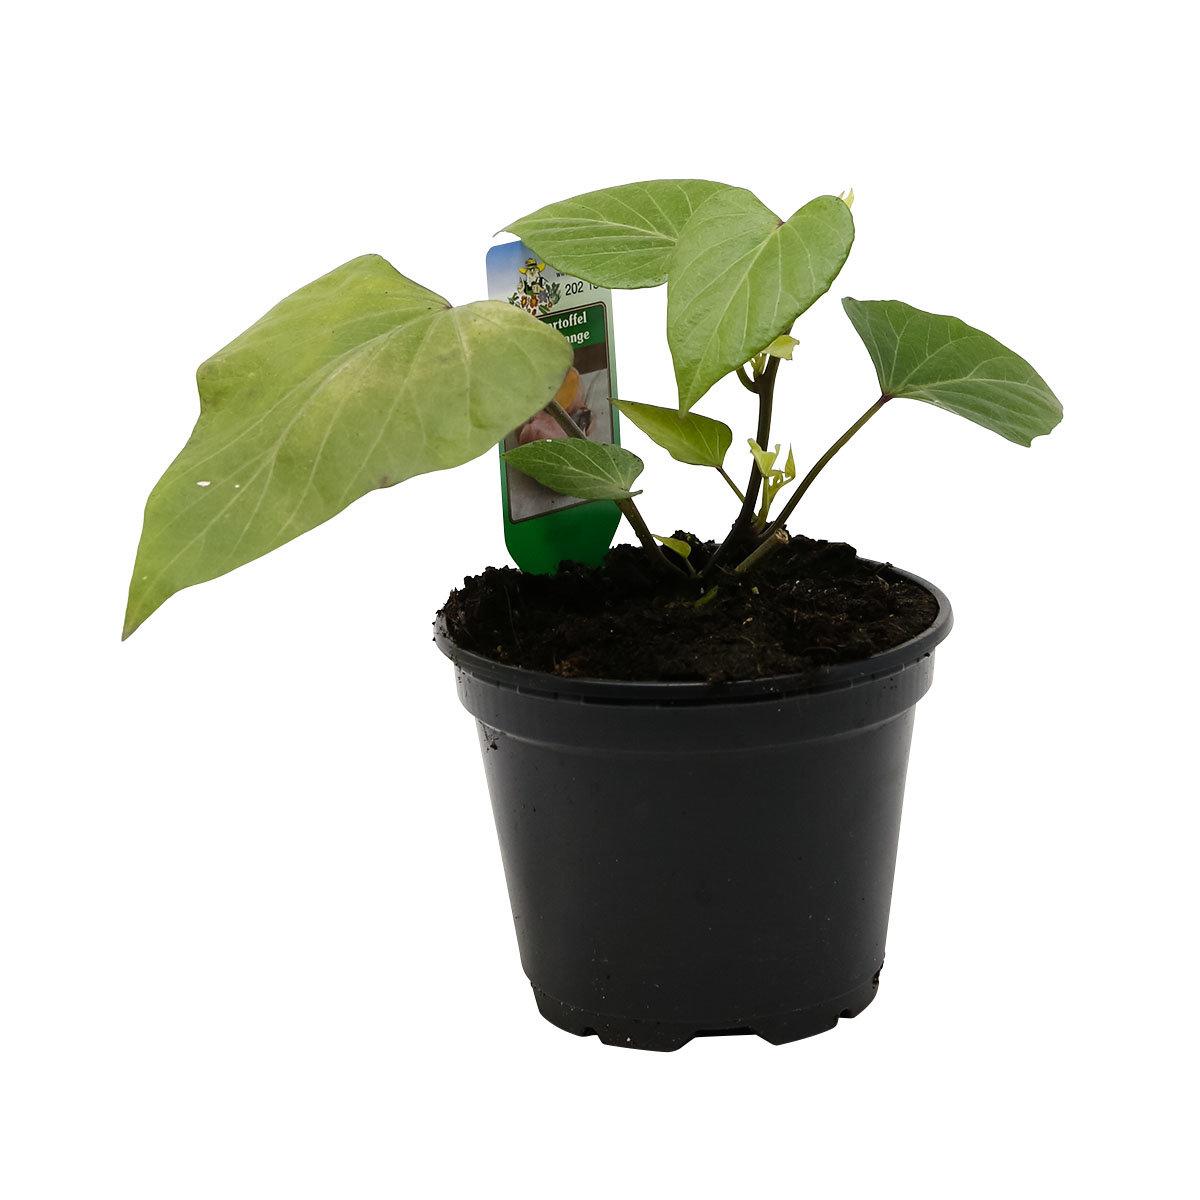 Süßkartoffelpflanze Erato Orange, im ca. 13 cm-Topf   #5